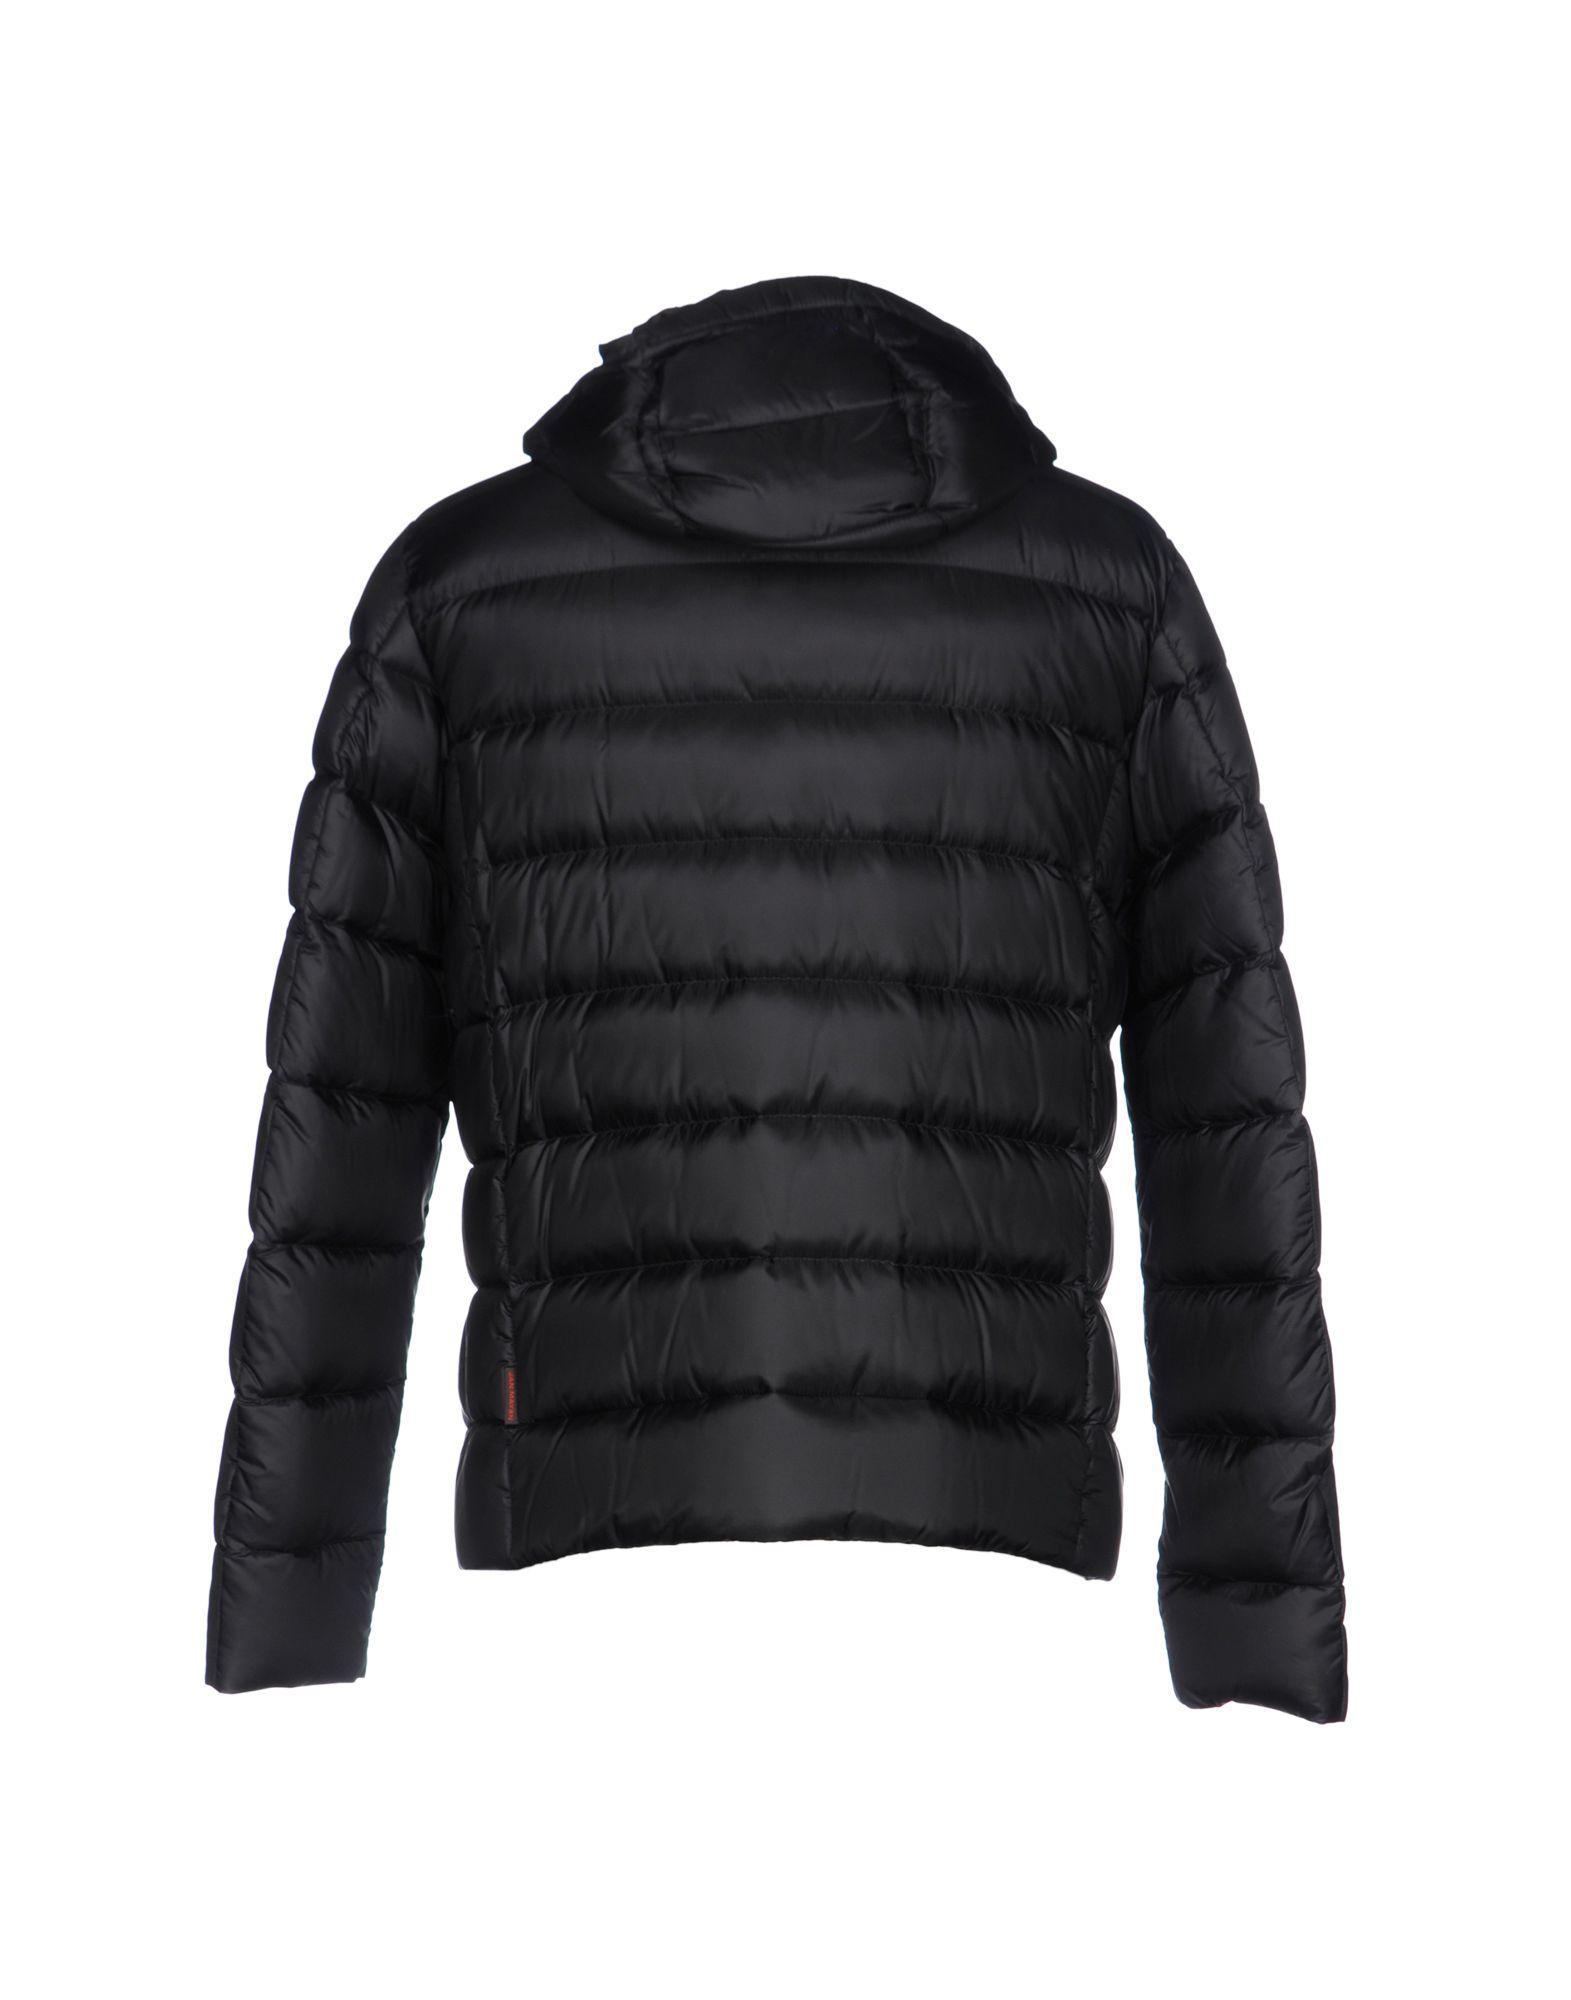 outlet store 7d35d f031d Jan Mayen Black Down Jacket for men